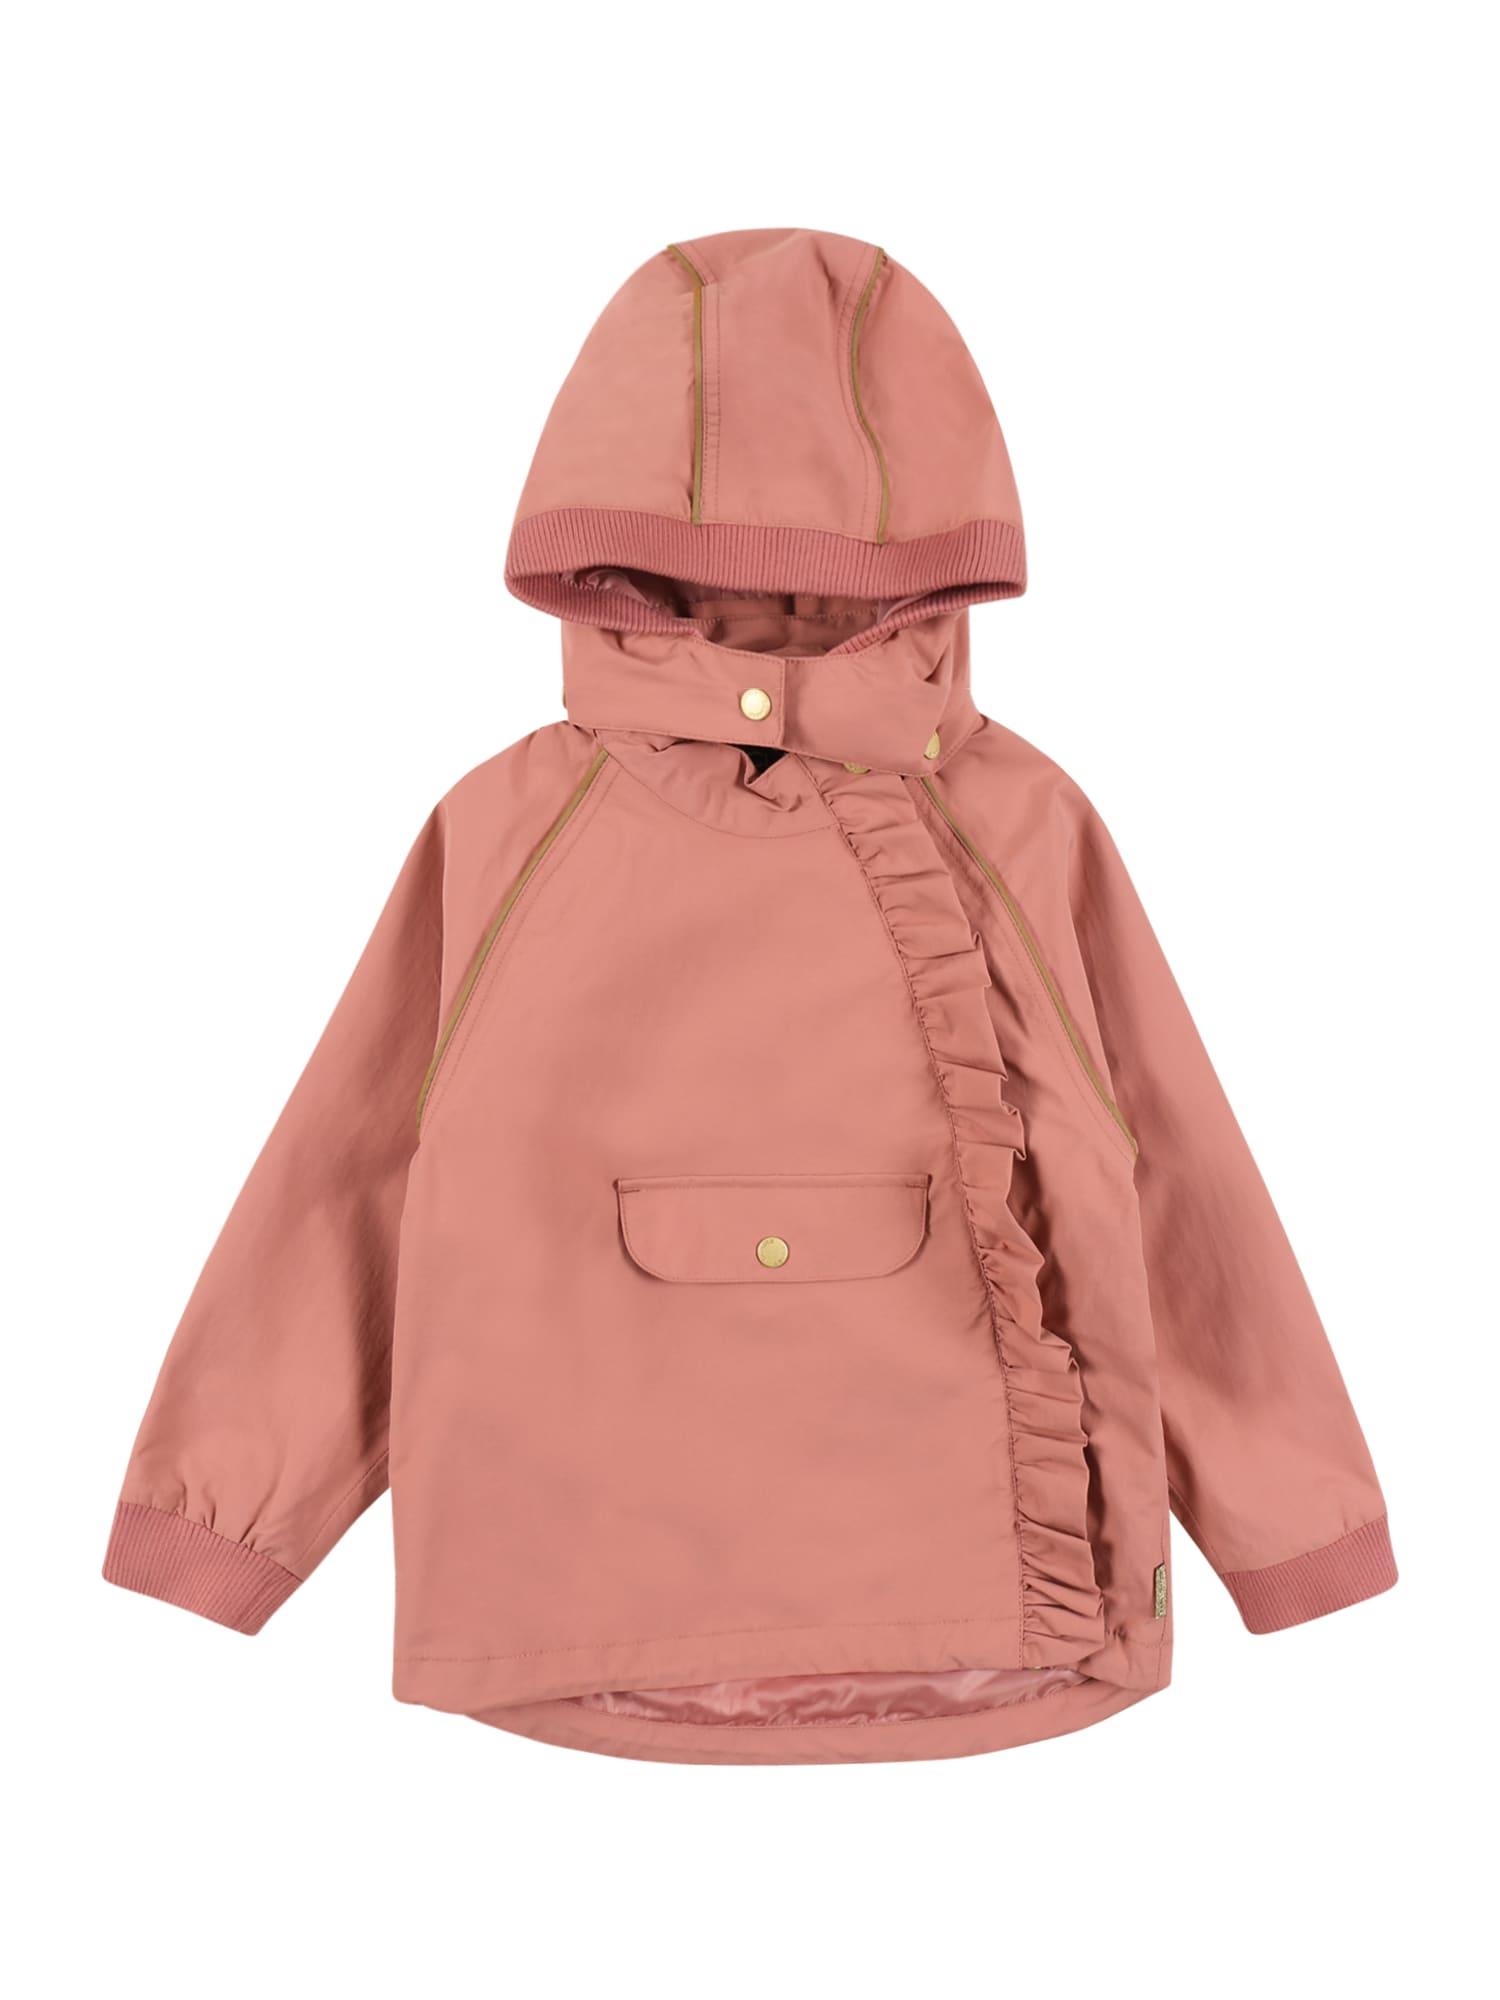 Hust & Claire Demisezoninė striukė 'Obia' ryškiai rožinė spalva